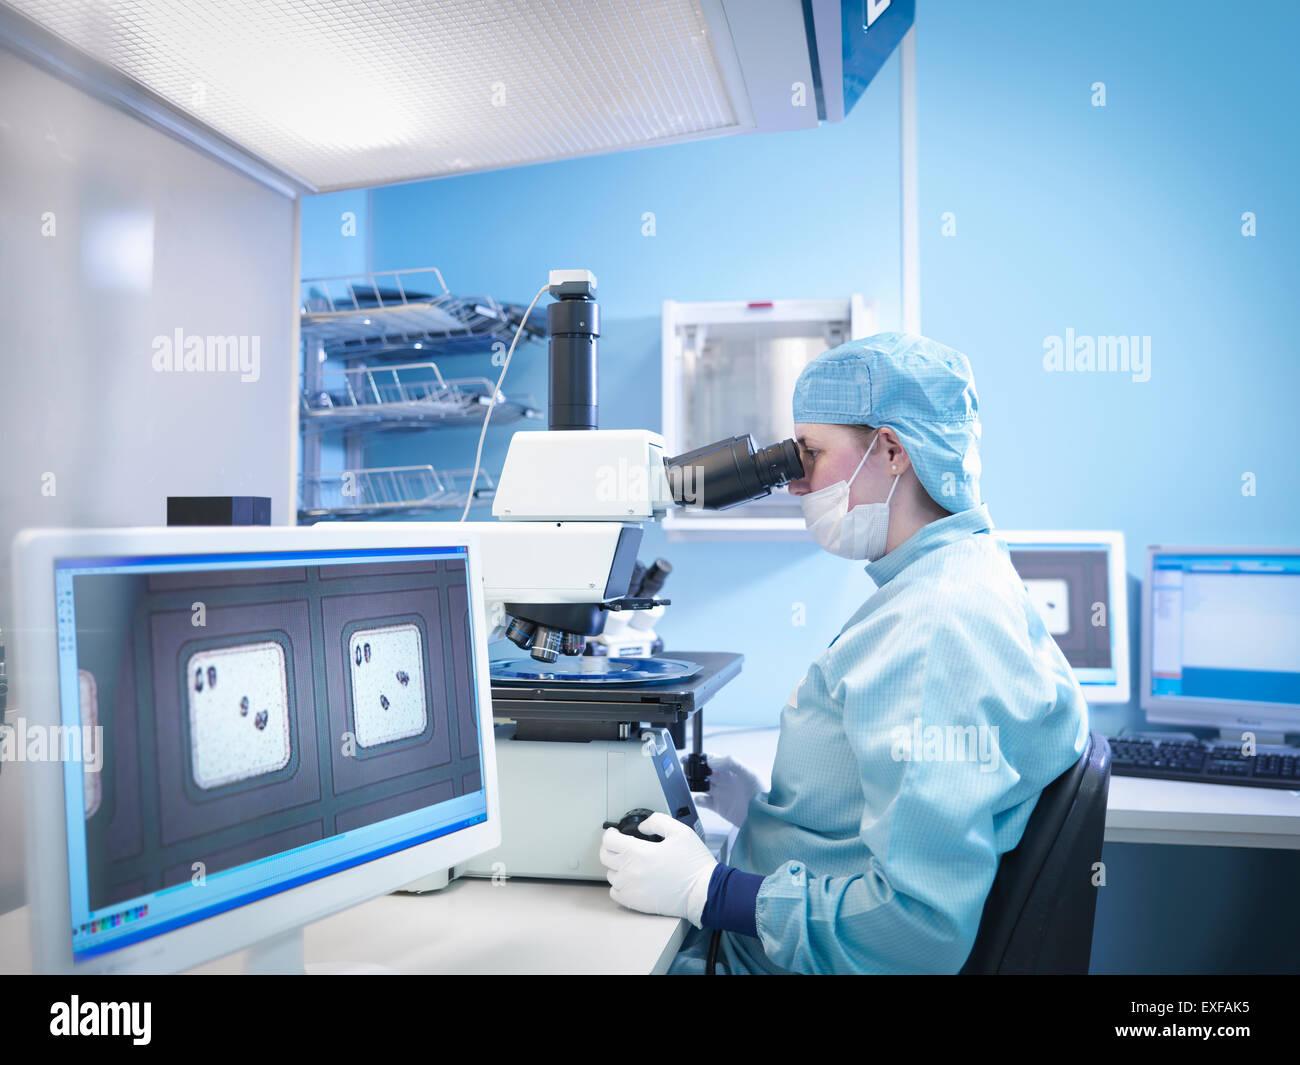 Travailleur de l'électronique en collaboration avec microscope in clean room Photo Stock